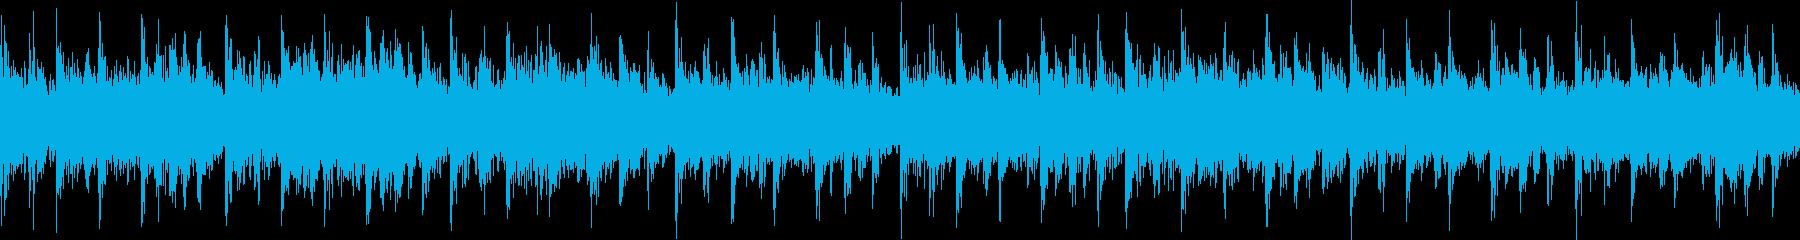 荒々しいカオスなテクノループです。の再生済みの波形